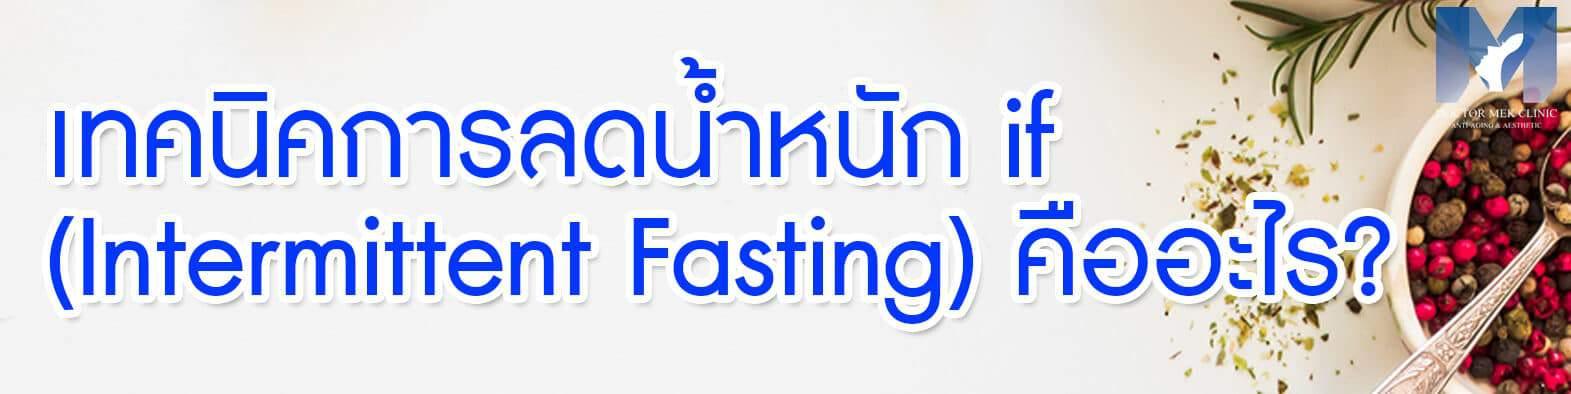 เทคนิคการลดน้ำหนัก if (Intermittent Fasting) คืออะไร